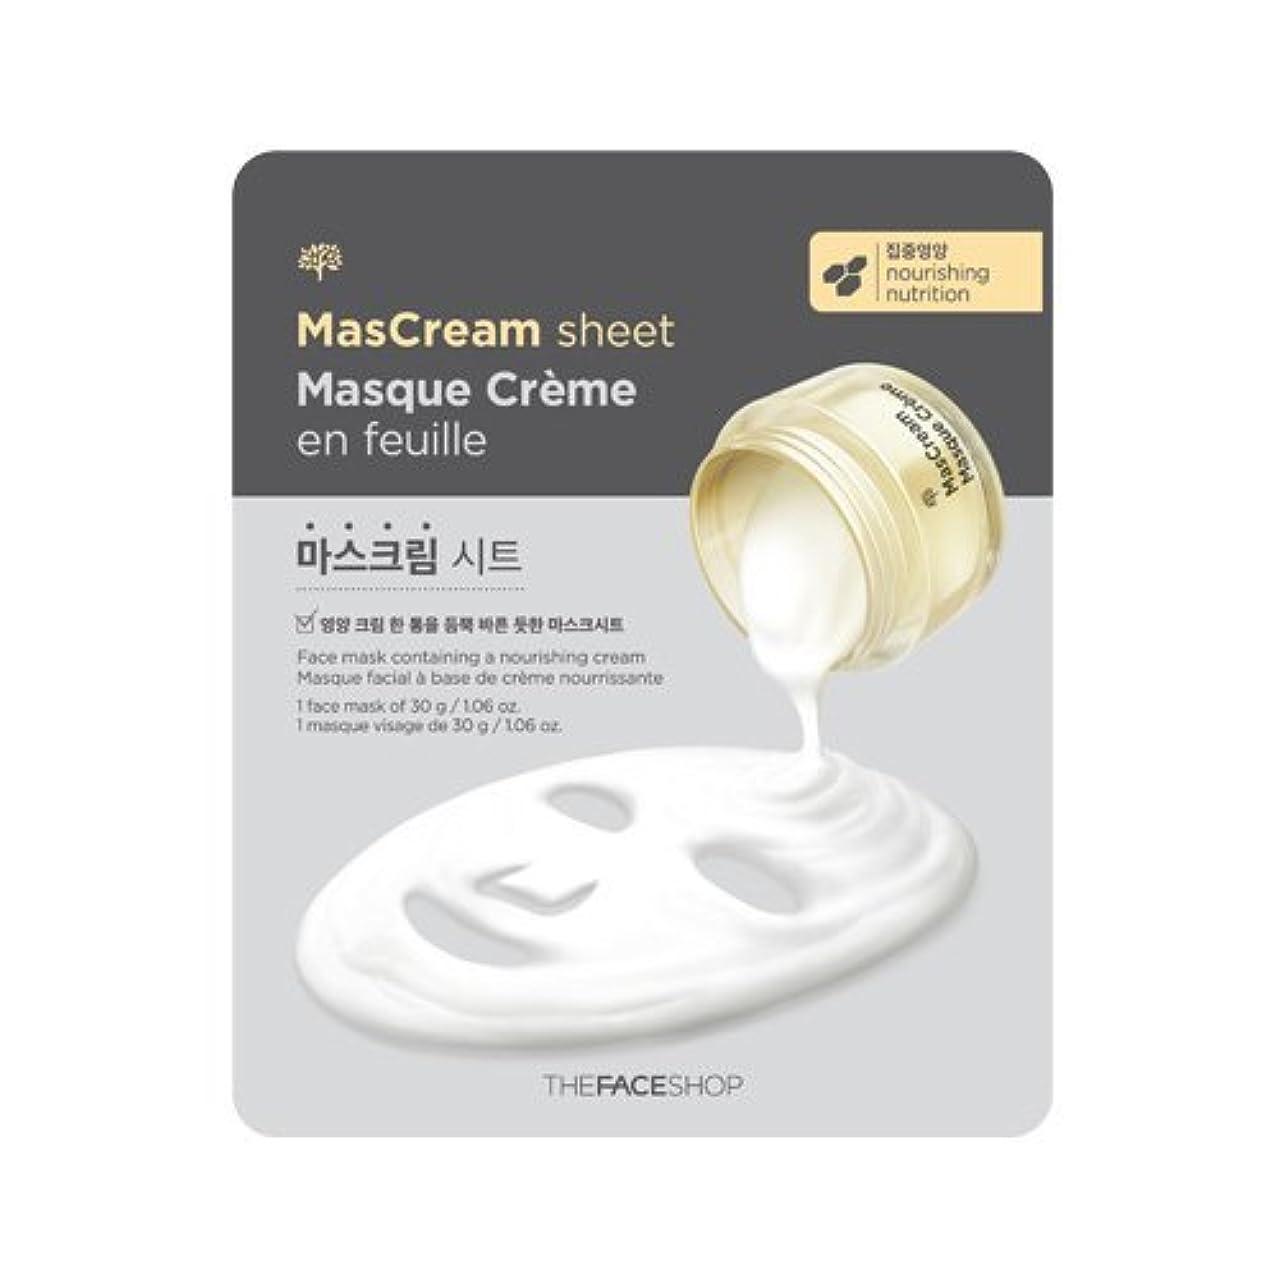 エンターテインメントアクチュエータツーリストザフェイスショップ [THE FACE SHOP] MASCREAM SHEET x 5sheets マスクリームパック 5枚 (栄養/NOURISHING) [並行輸入品]